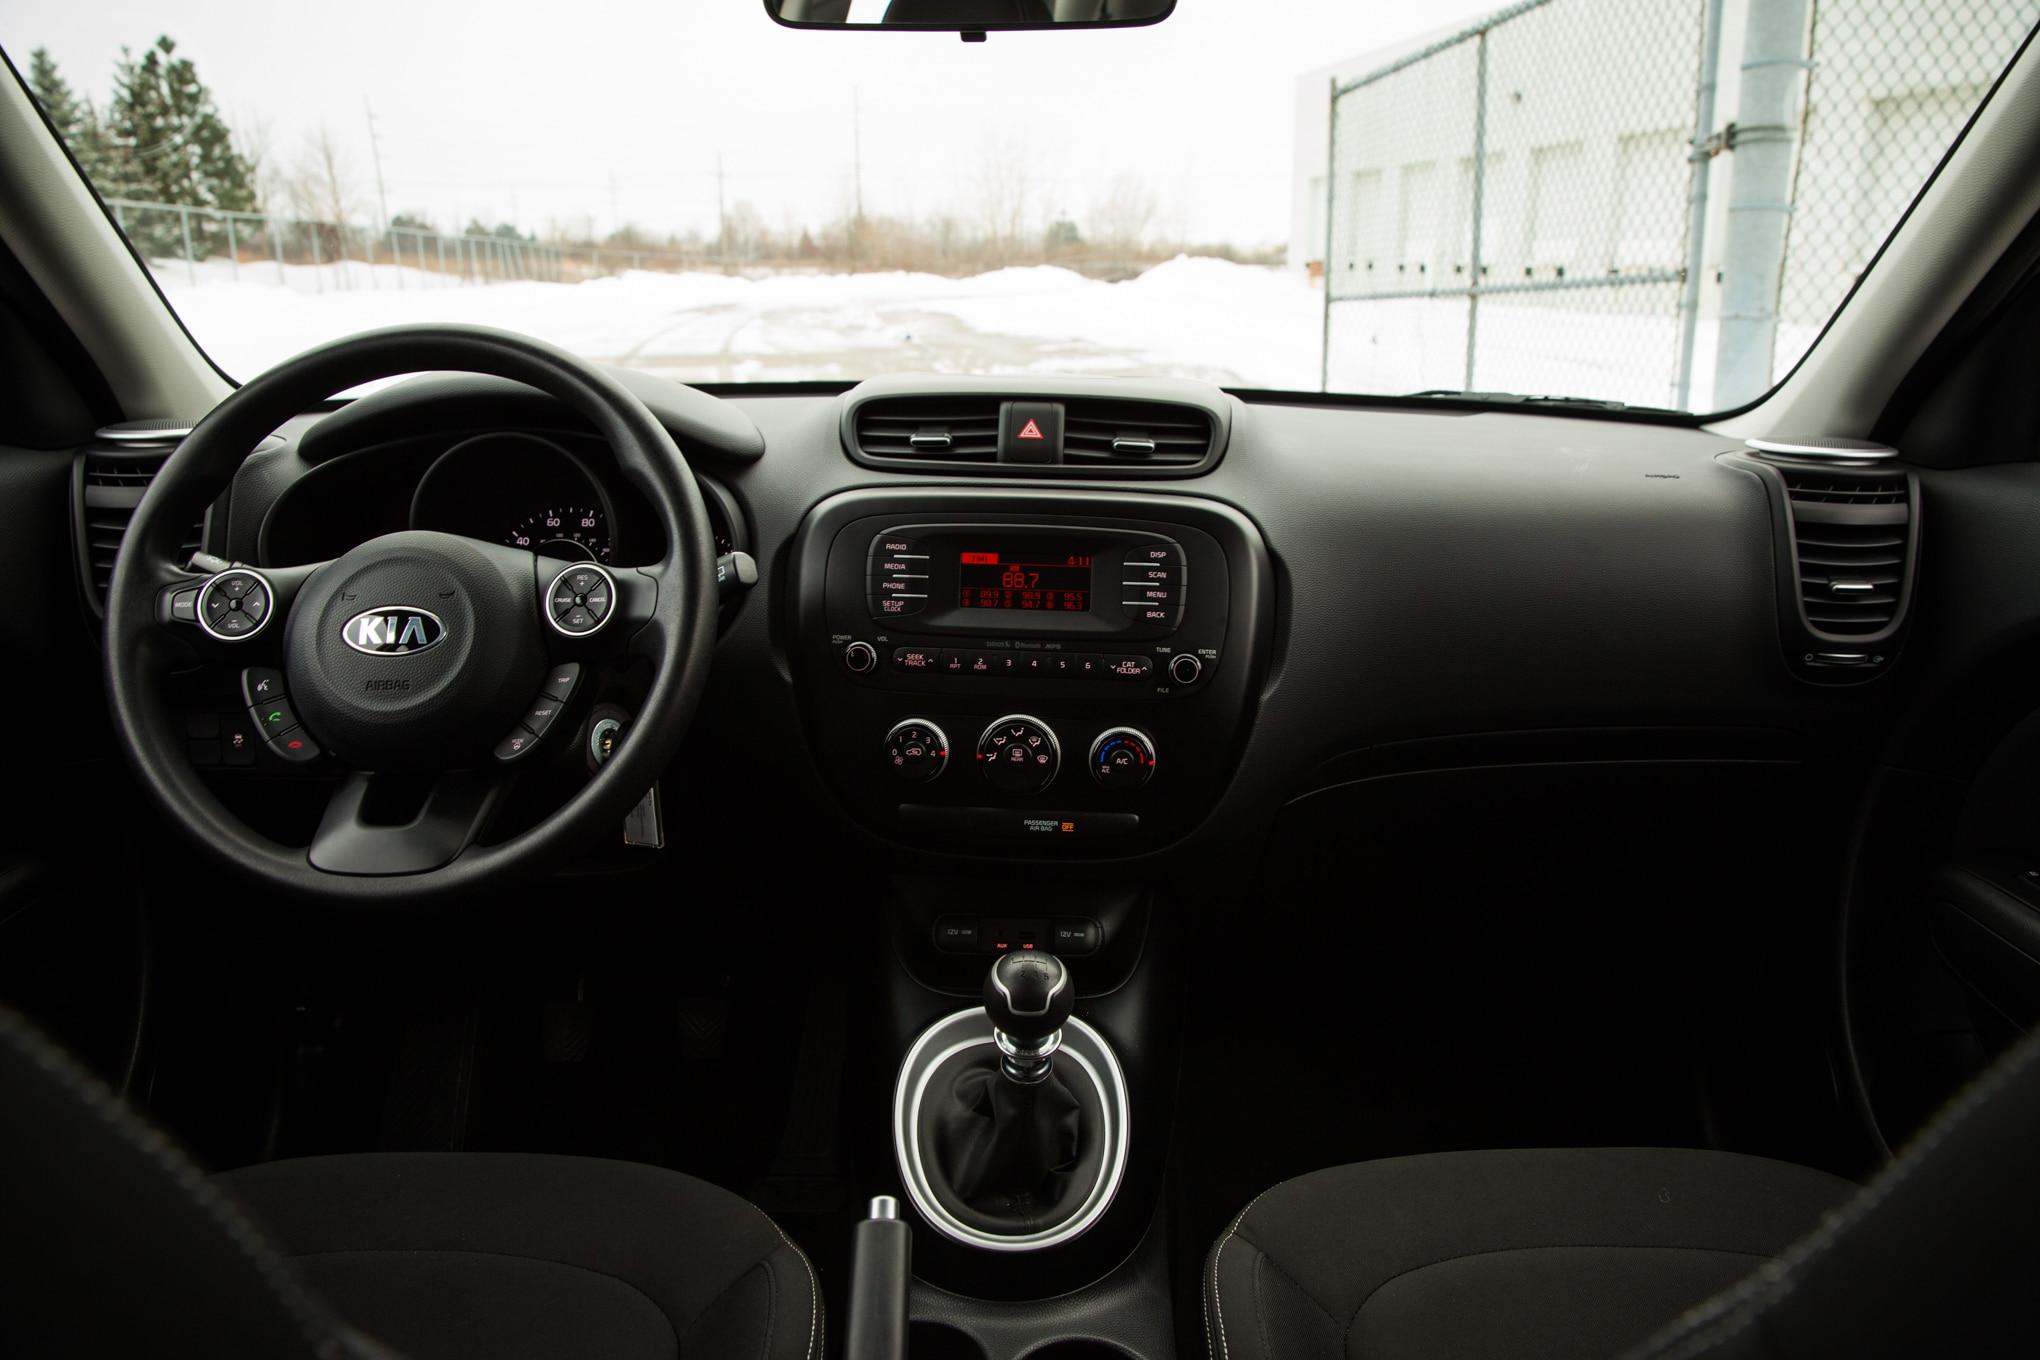 Toyota Corolla Mpg >> 2014 Kia Soul vs 2014 Toyota Corolla - Automobile Magazine